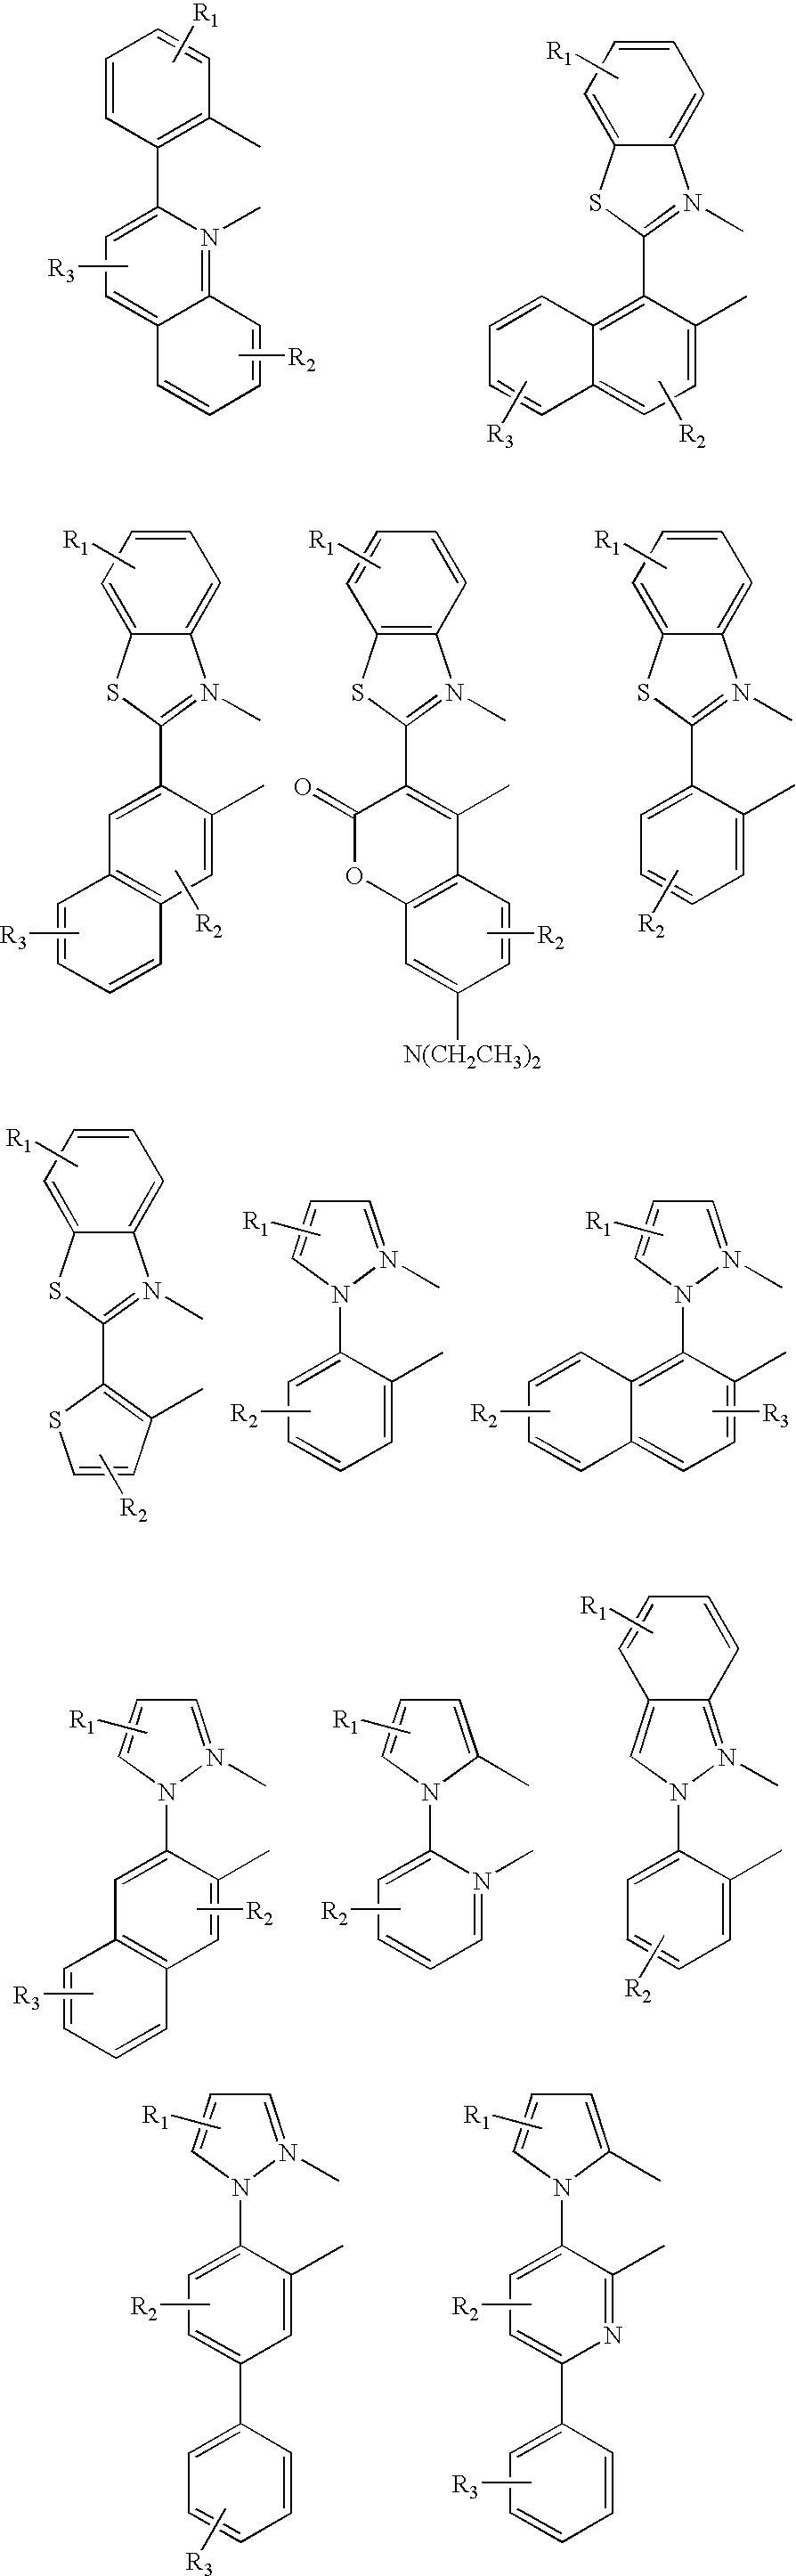 Figure US20050112406A1-20050526-C00067